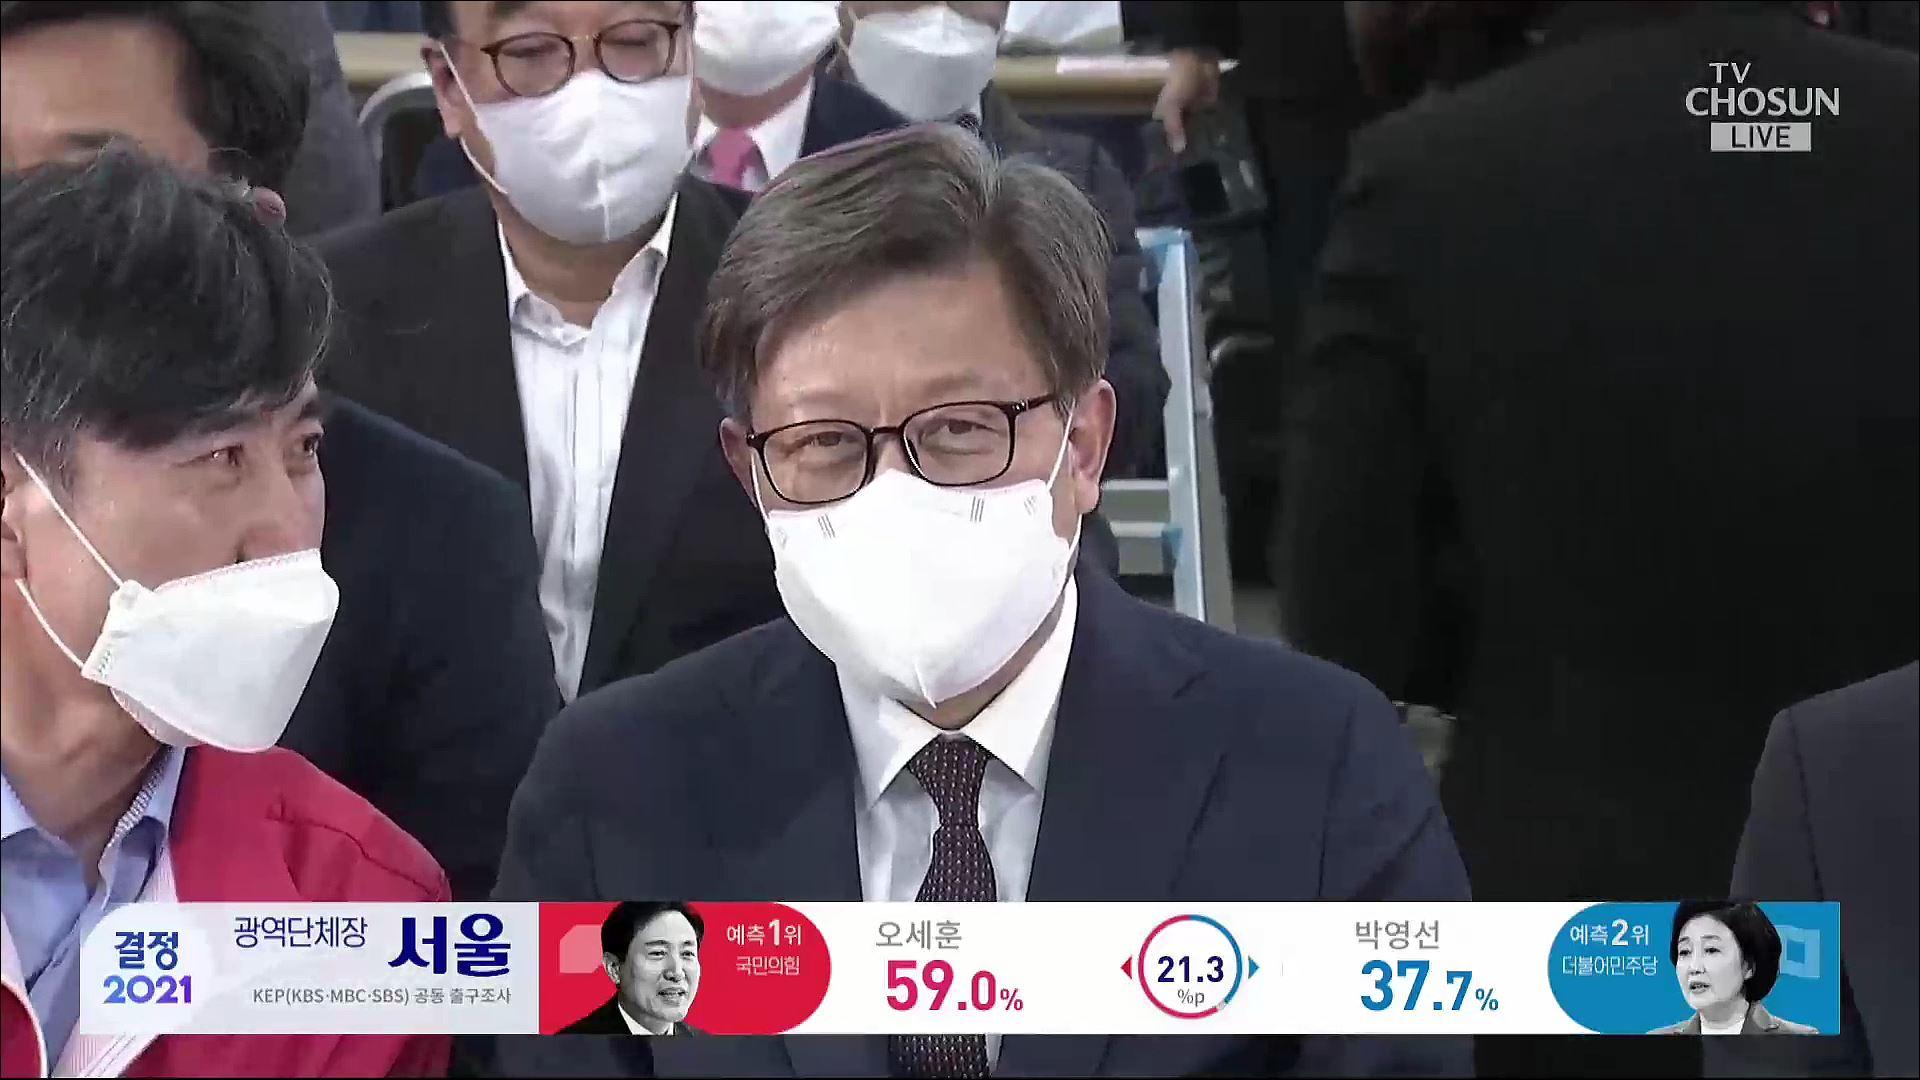 [이 시각 박형준 캠프] '대도시 부산의 위상 다시 세우겠다' 환호